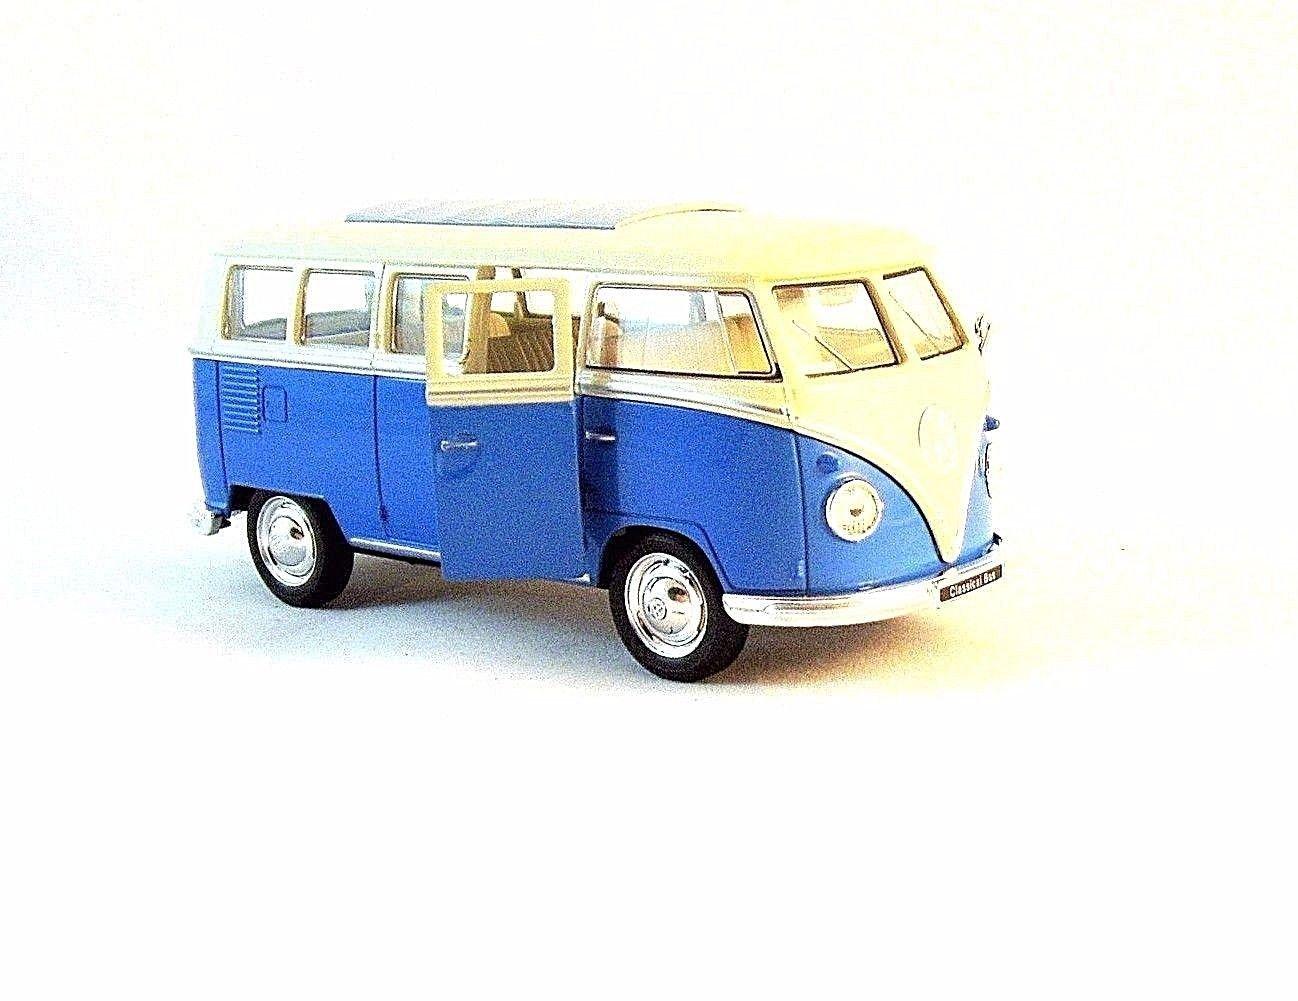 1963 VOLKSWAGEN T1 BUS METALLIC BLUE, WELLY 1/32 DIECAST CAR COLLECTOR'S MODEL